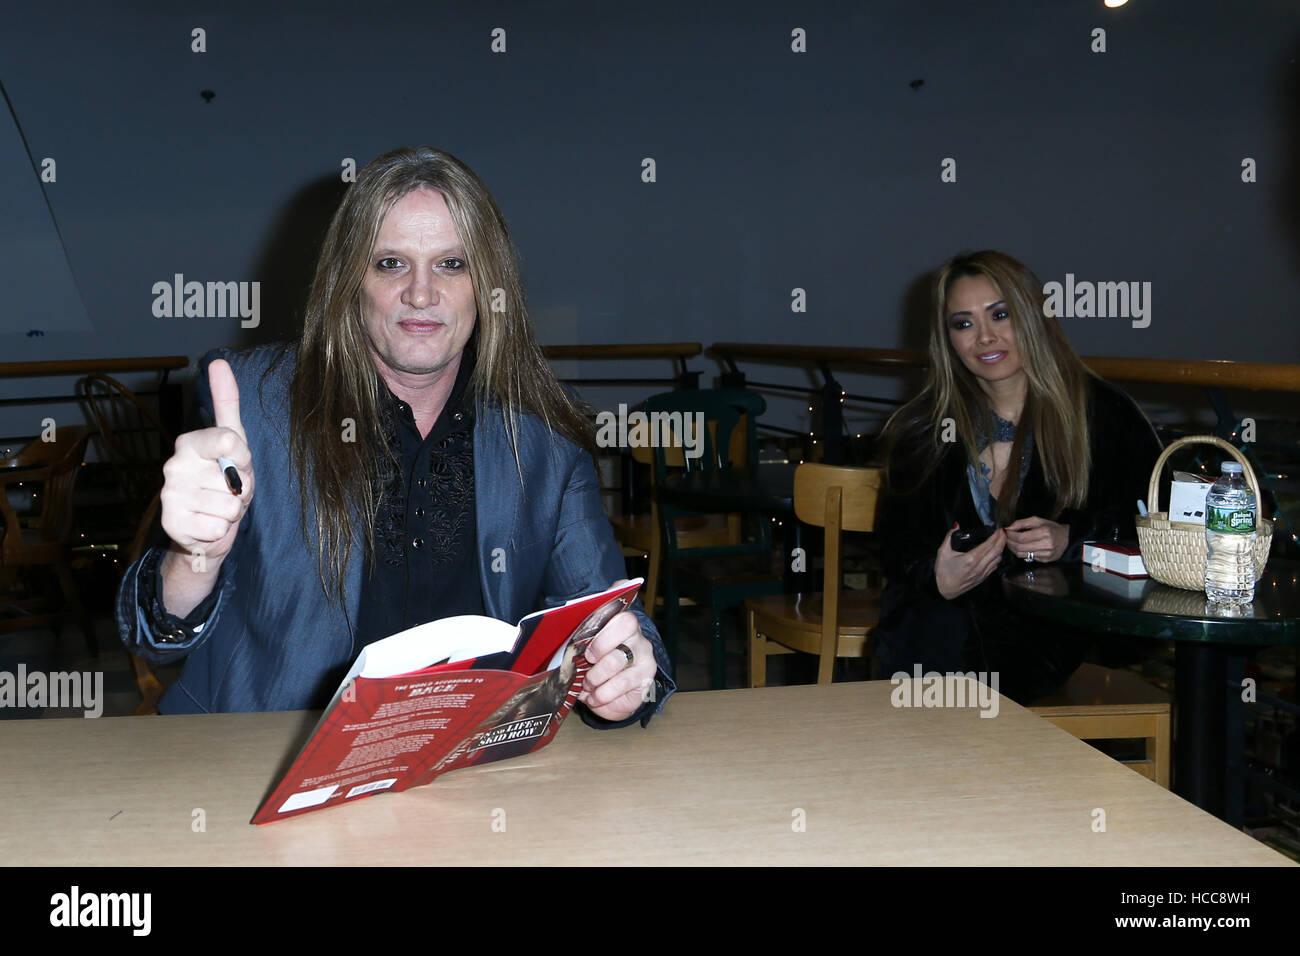 Sebastian Bach et épouse Suzanne assister à la signature du livre '18 et la vie sur Skid Row' Photo Stock